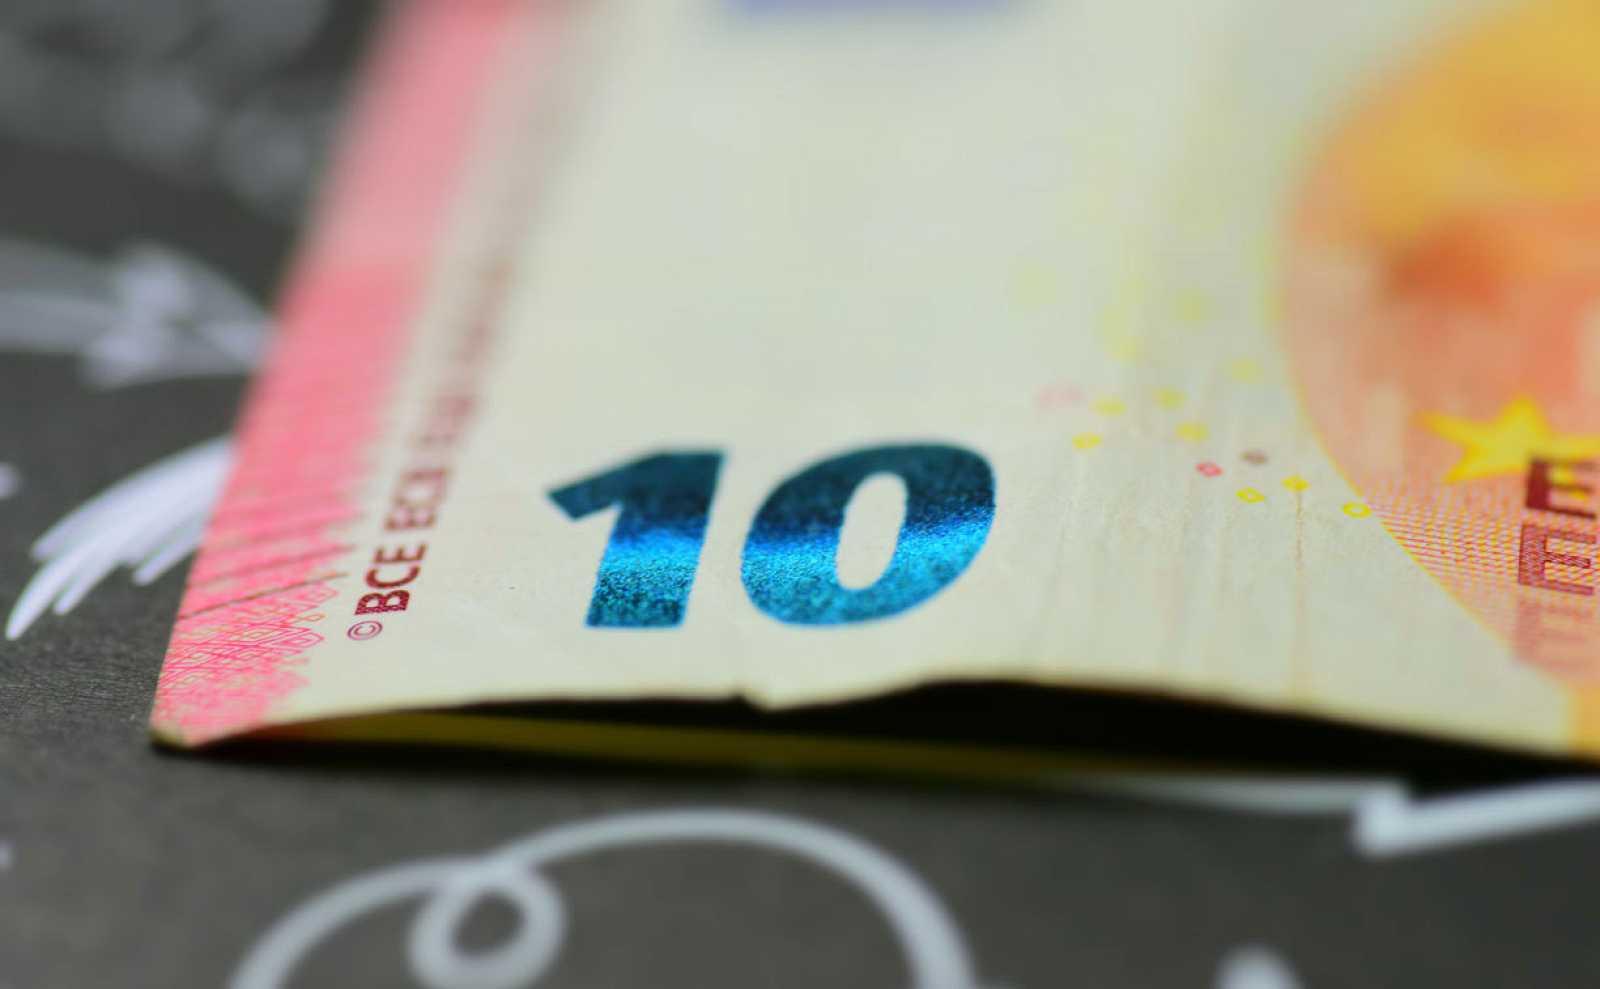 Billete de diez euros con las siglas BCE (Banco Central Europeo) enfocadas.